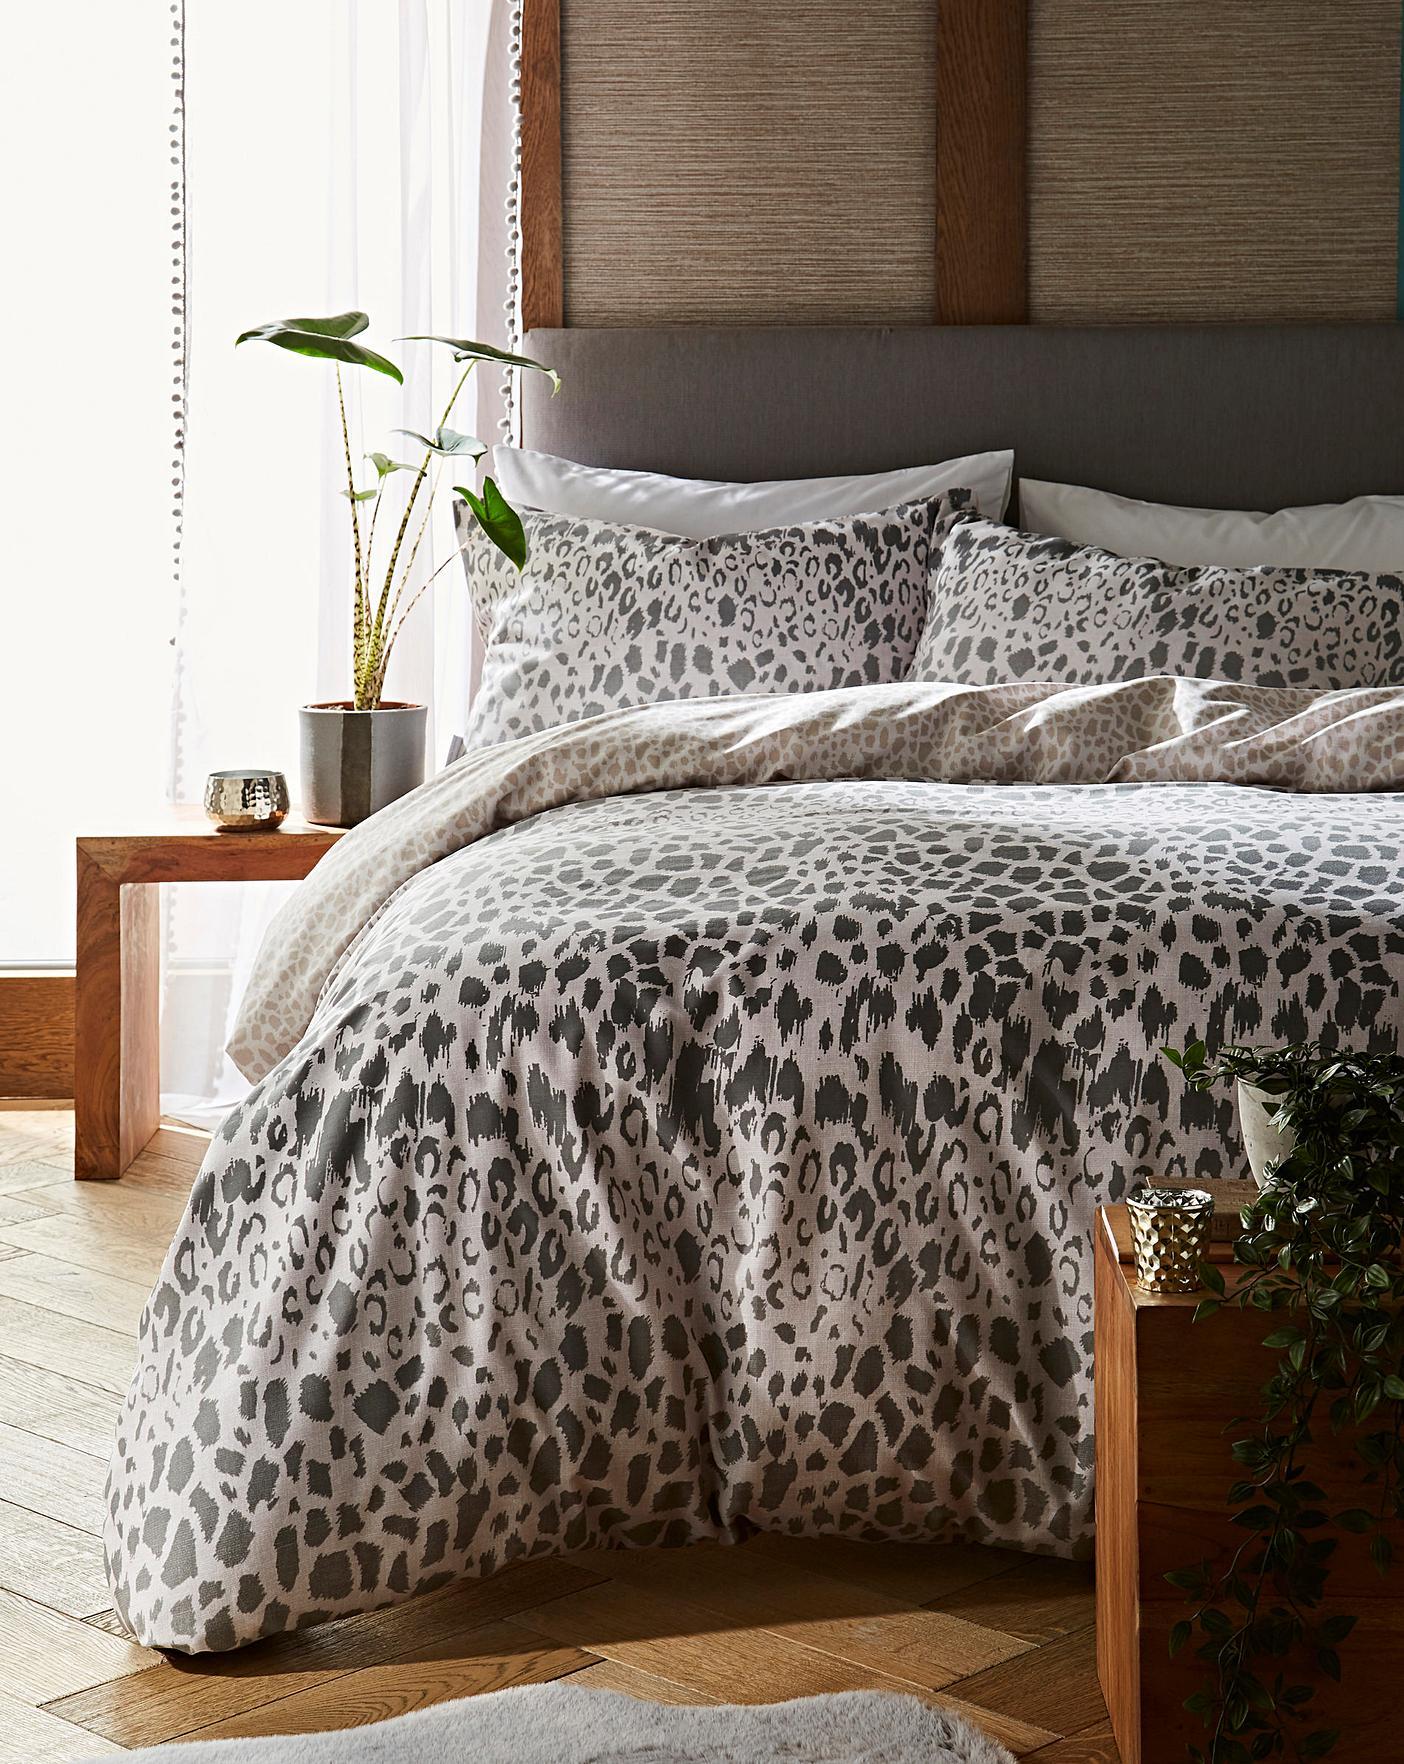 leopard print double duvet covers